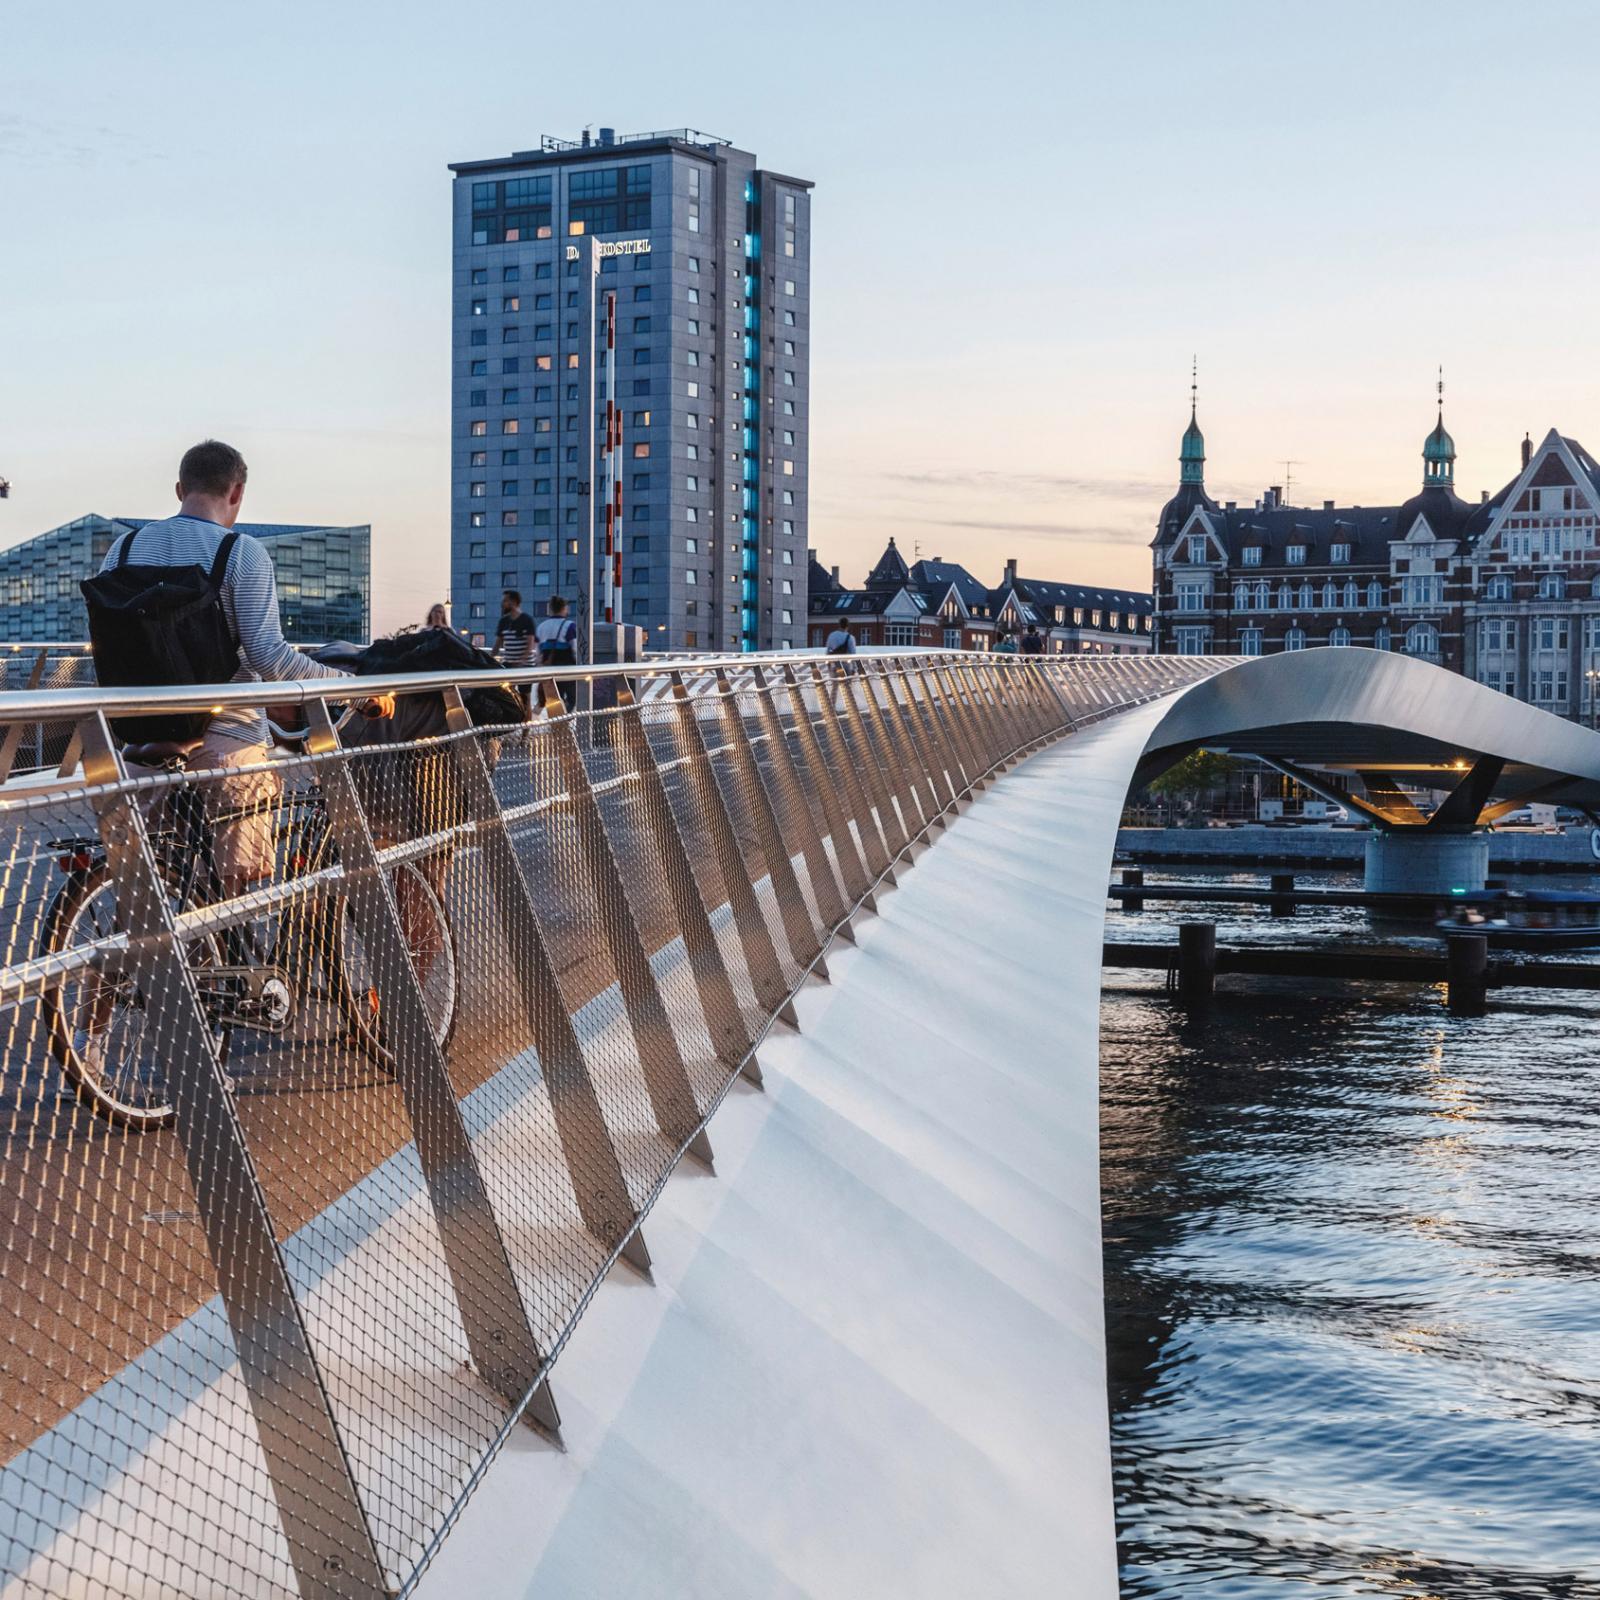 Cây cầu dành cho người đi xe đạp và đi bộ ở Đan Mạch.